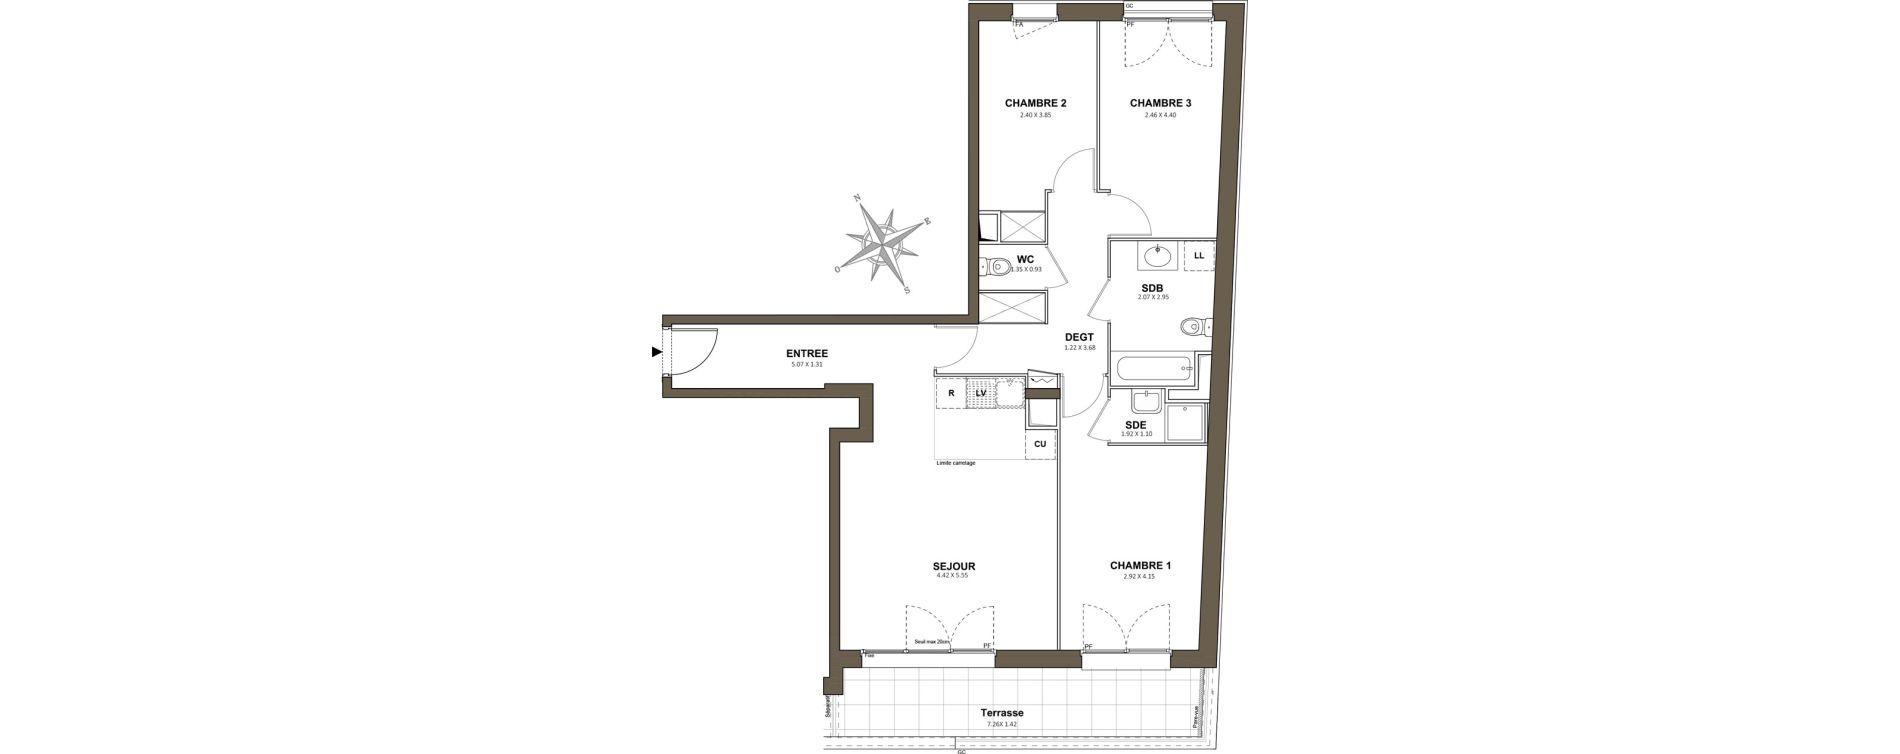 Appartement T4 de 79,65 m2 à Saint-Cyr-L'École Centre